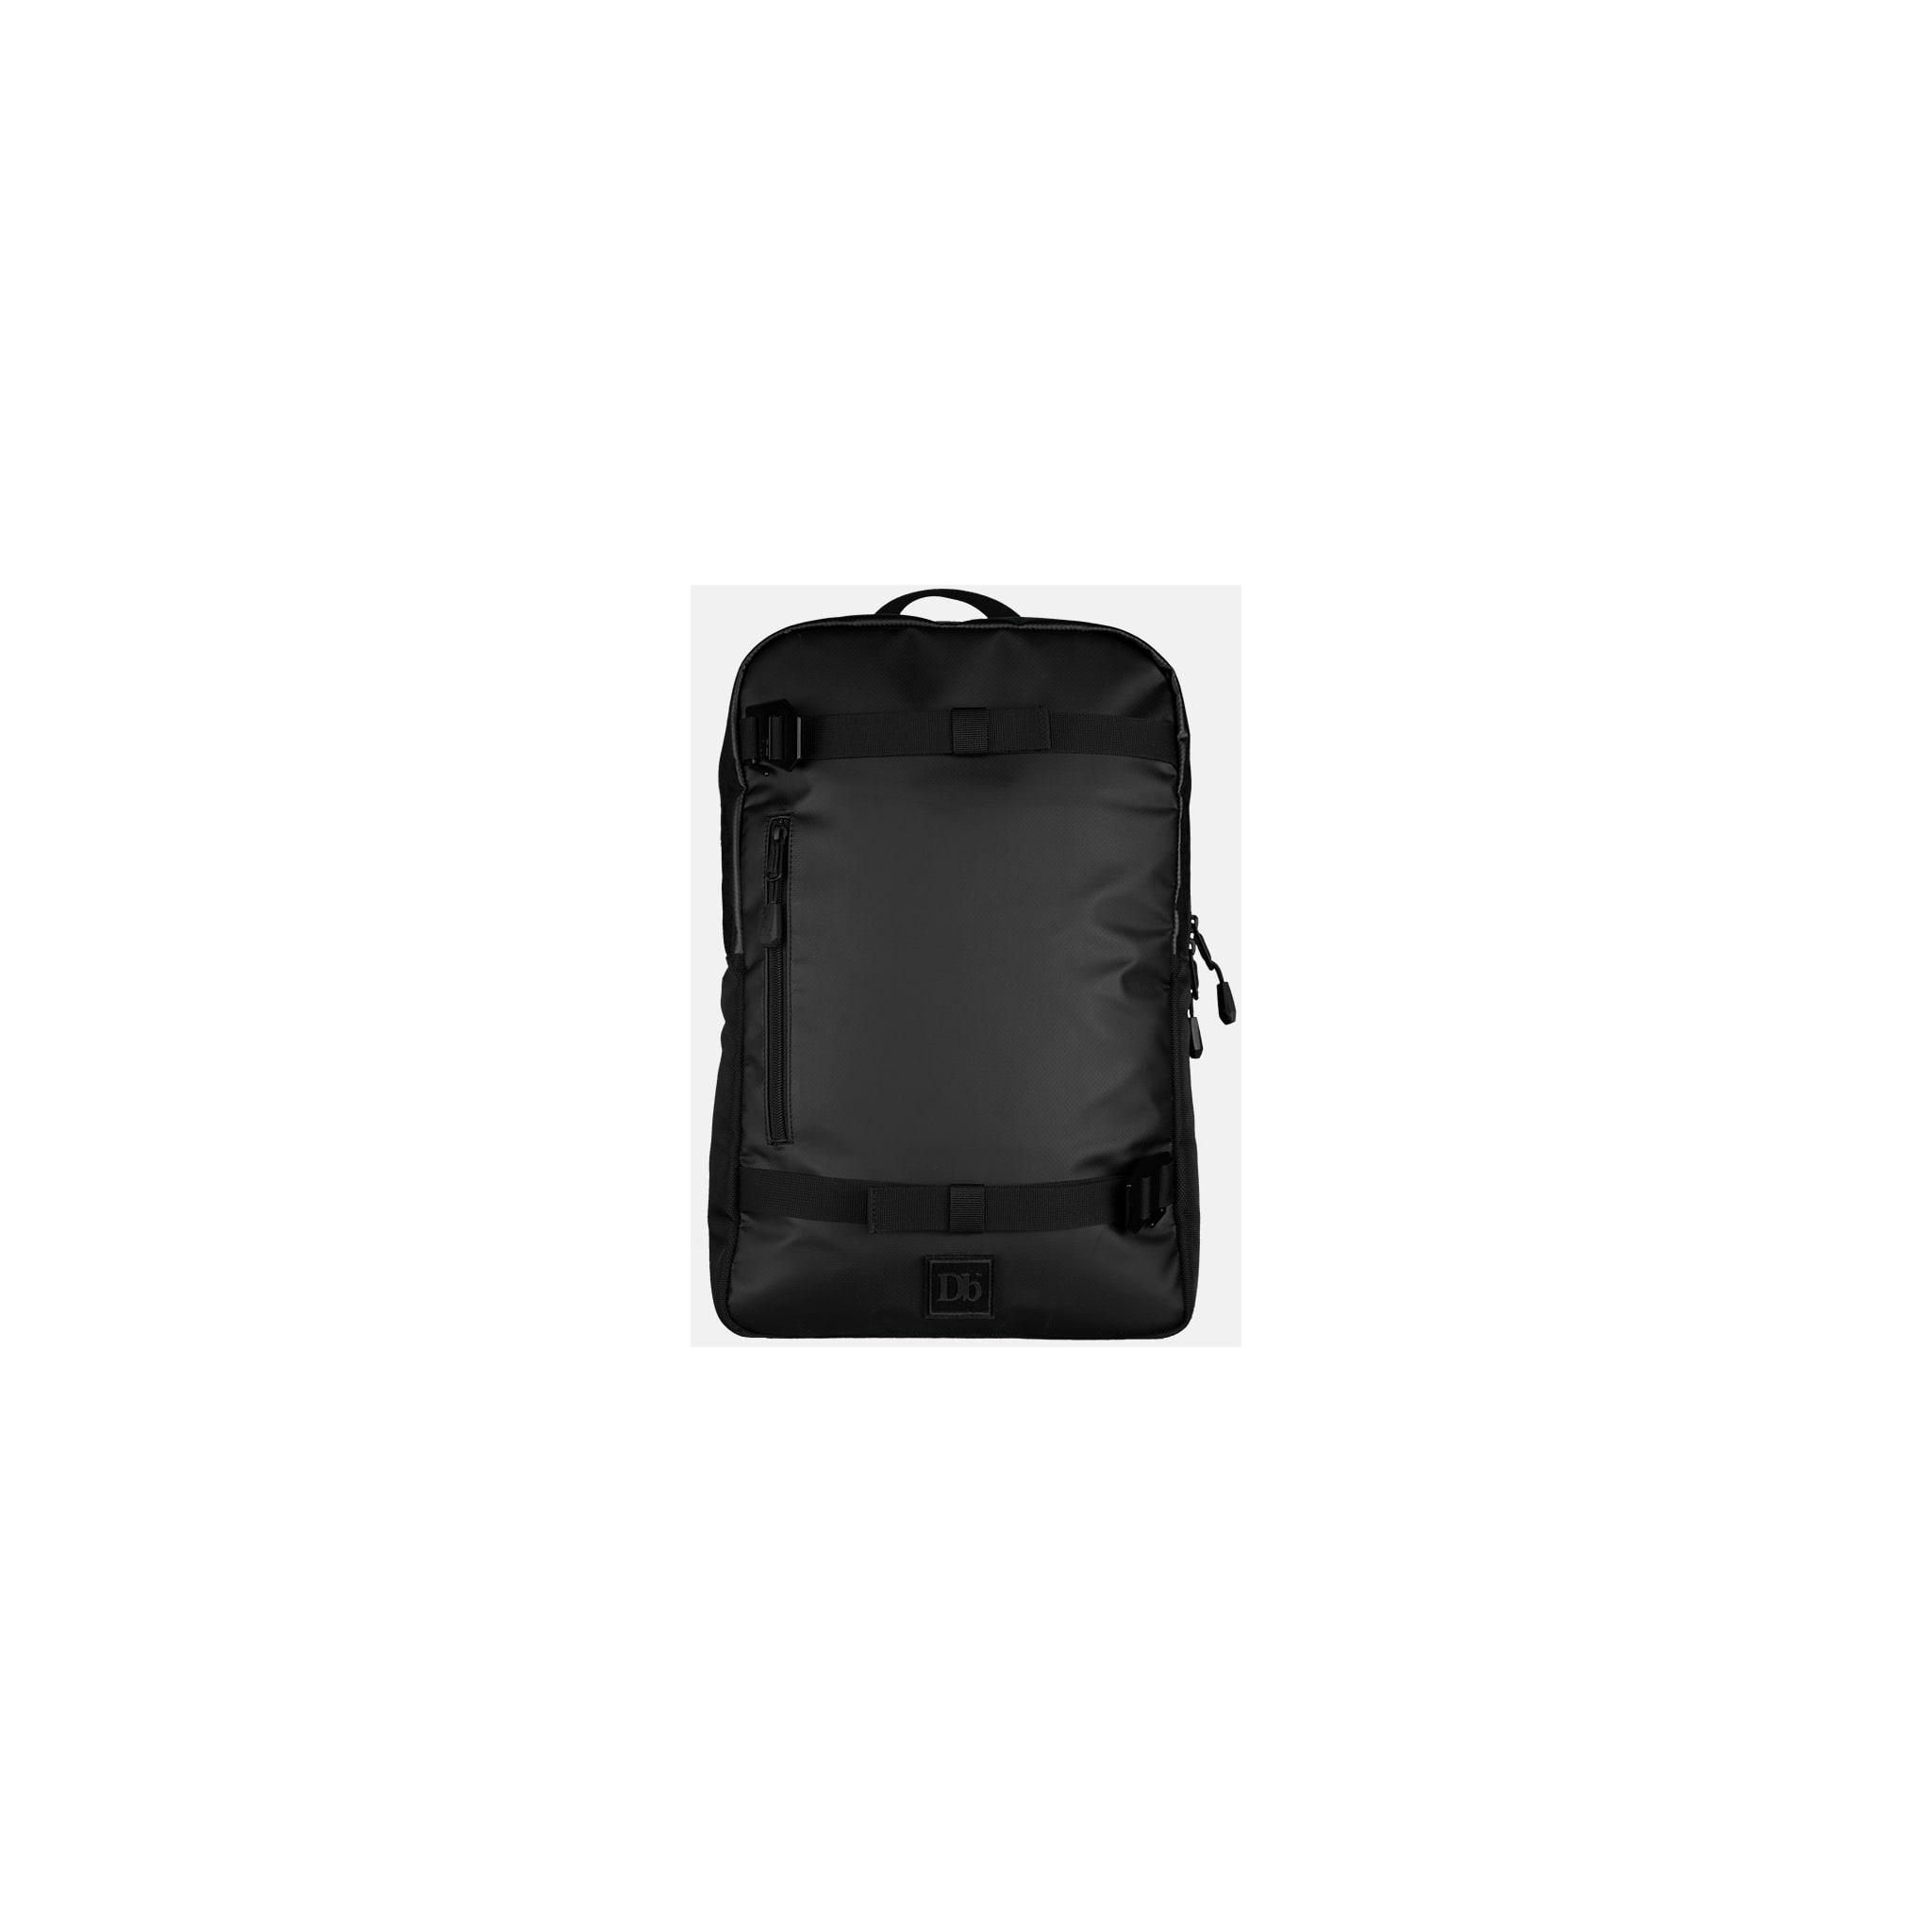 Hverdagssekk på 15 liter med lomme til bærbar PC